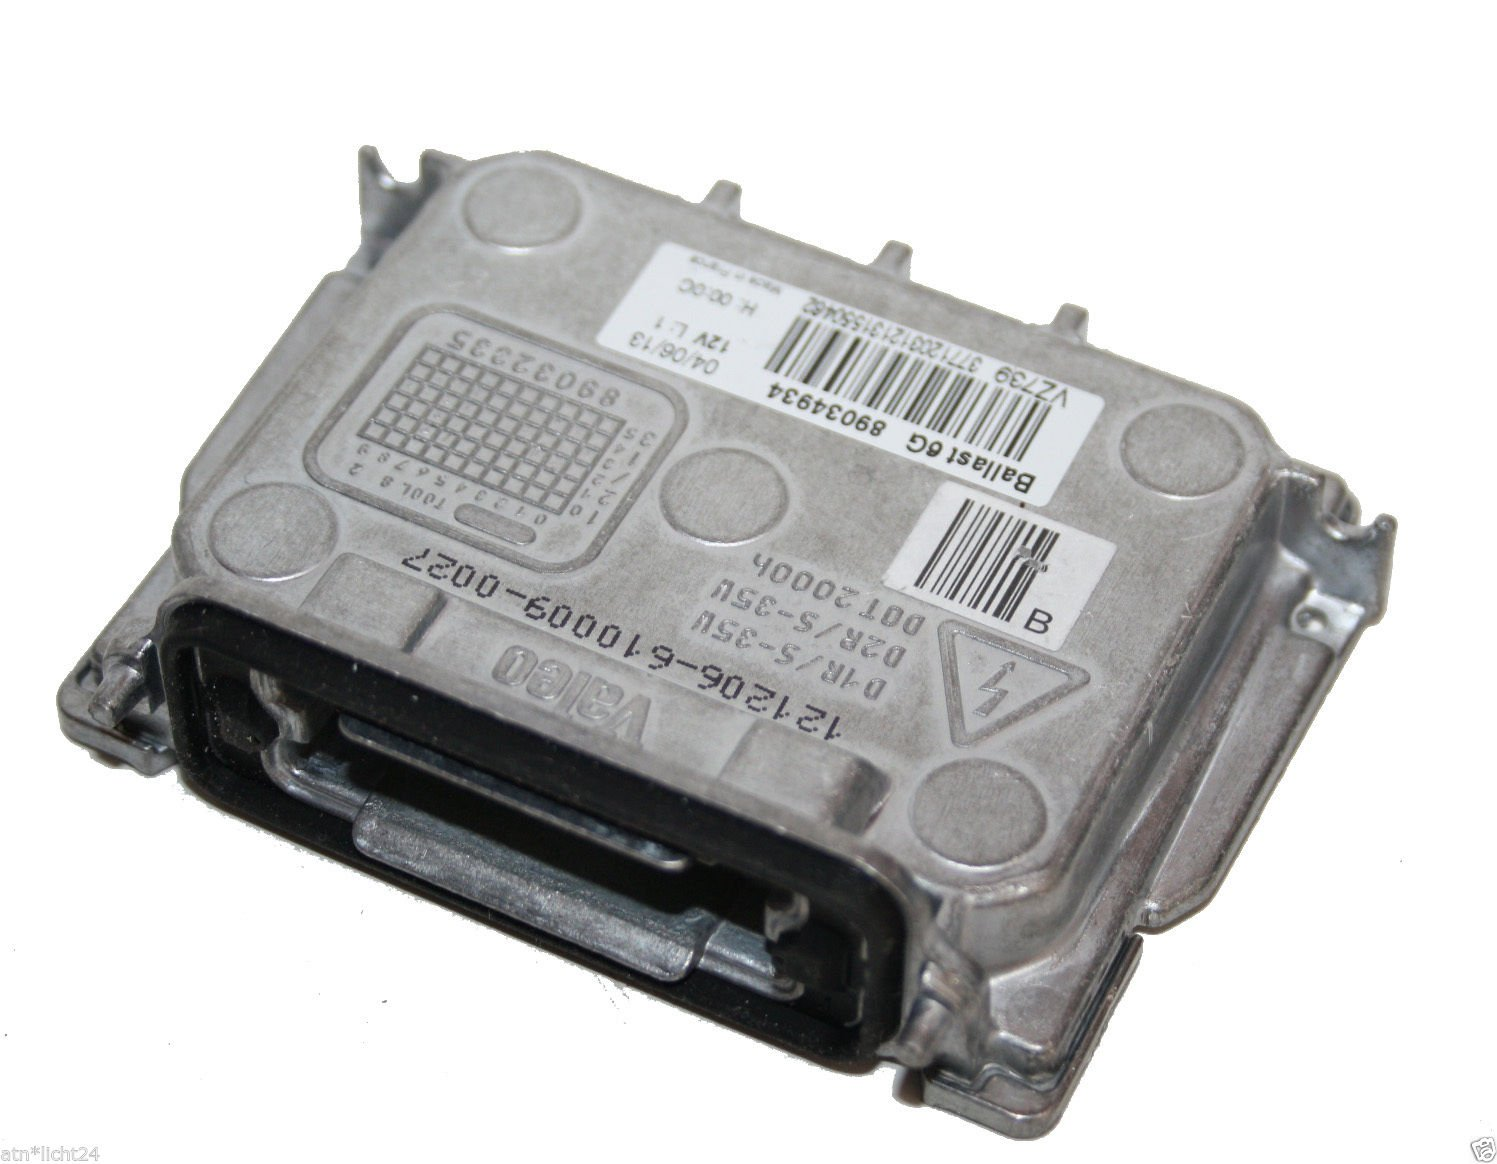 Una Centralina Xenon compatible con c/ódigo OEM Original 4L0907391/63117180050/6224L8/63117180050/7701208945/4L0907391/043731/6/g89034934/4L0907391/30784923